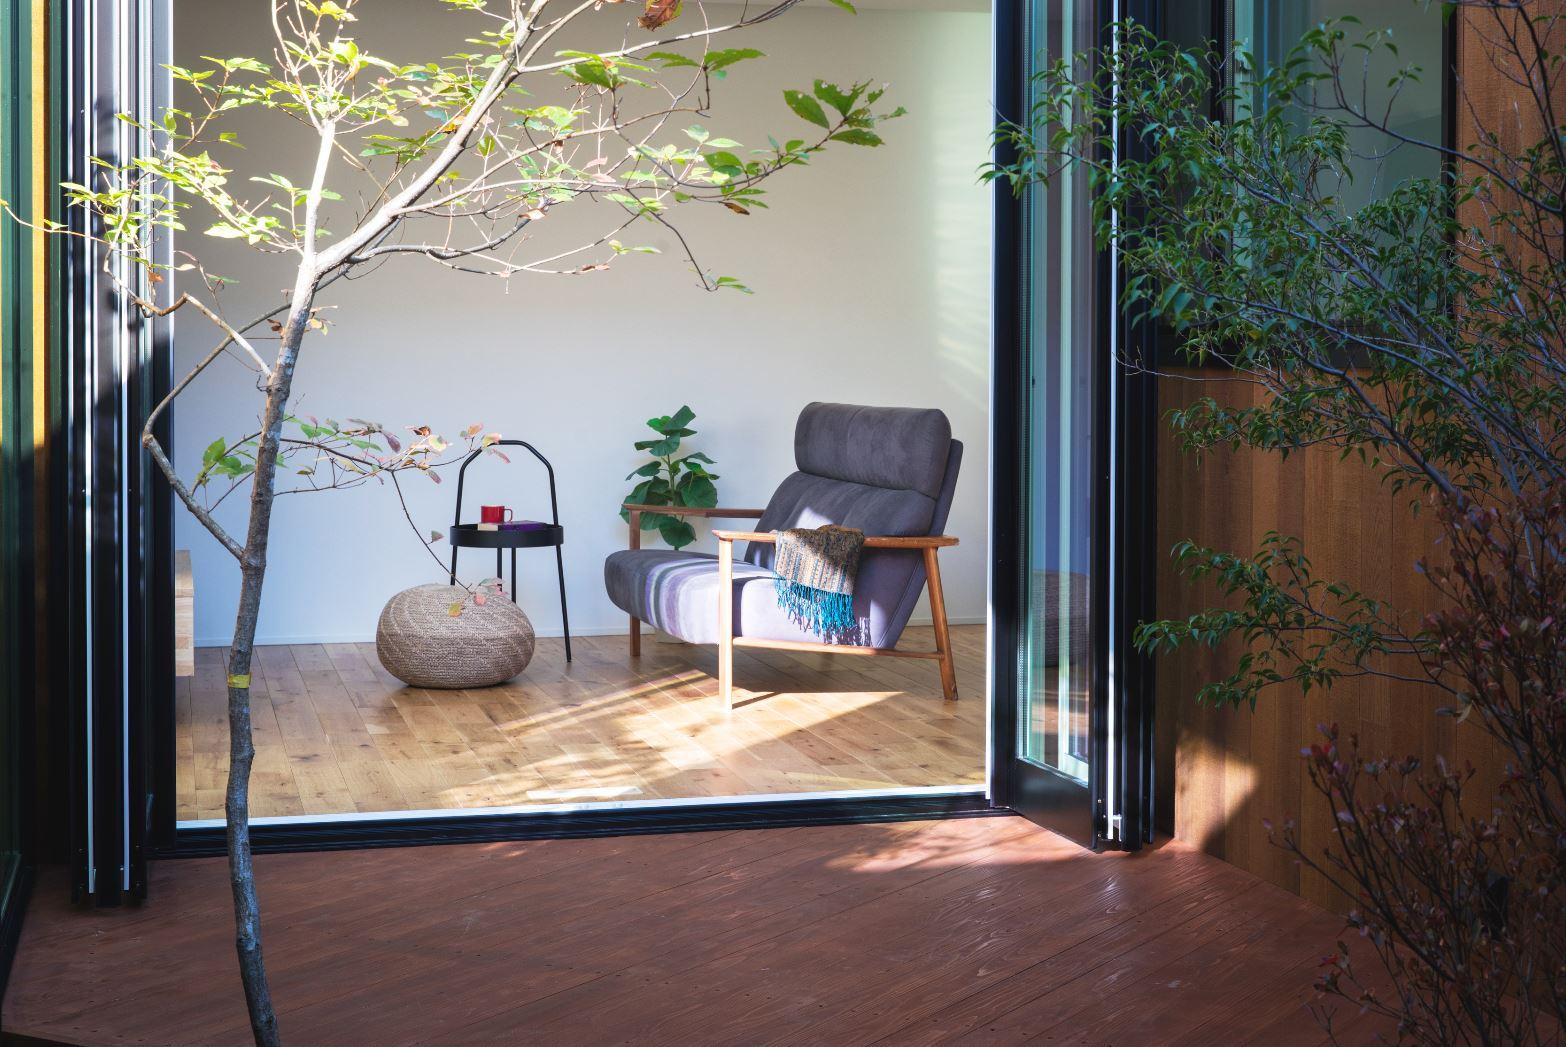 S.CONNECT(エスコネクト)【浜松市浜北区中瀬(詳しい住所はご予約後ご案内いたします)・モデルハウス】晴れた日にはフルオープンの窓を開け放って、中庭で青空ブランチ。リビングと中庭がフラットに繋がり、内から外へと開放感が広がる